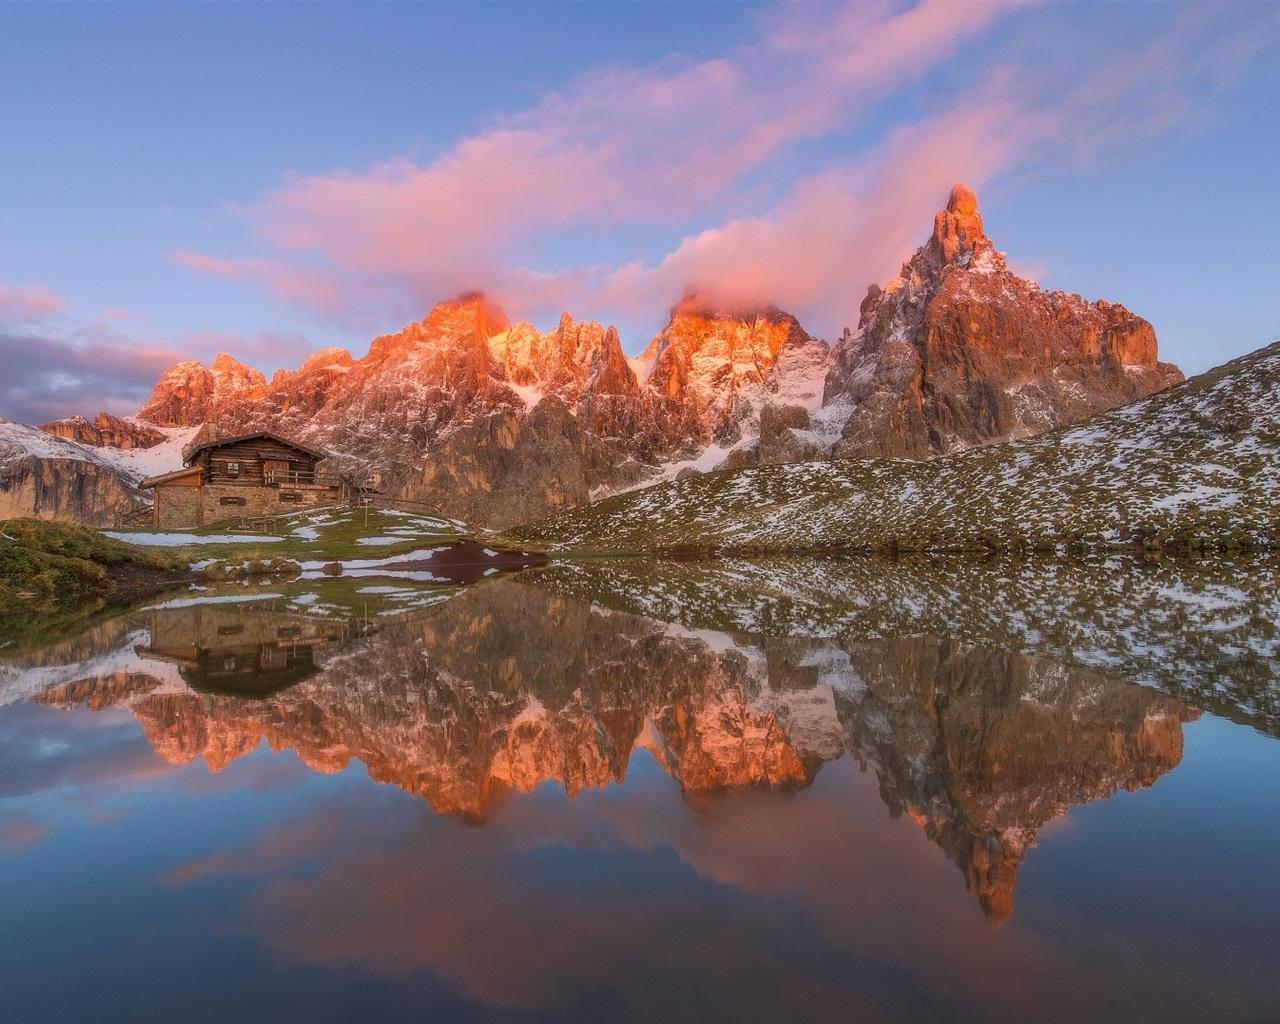 Lago Con Montañas Nevadas Hd: Montañas, Cabaña, Lago, Agua Reflexión, Nieve, Nubes